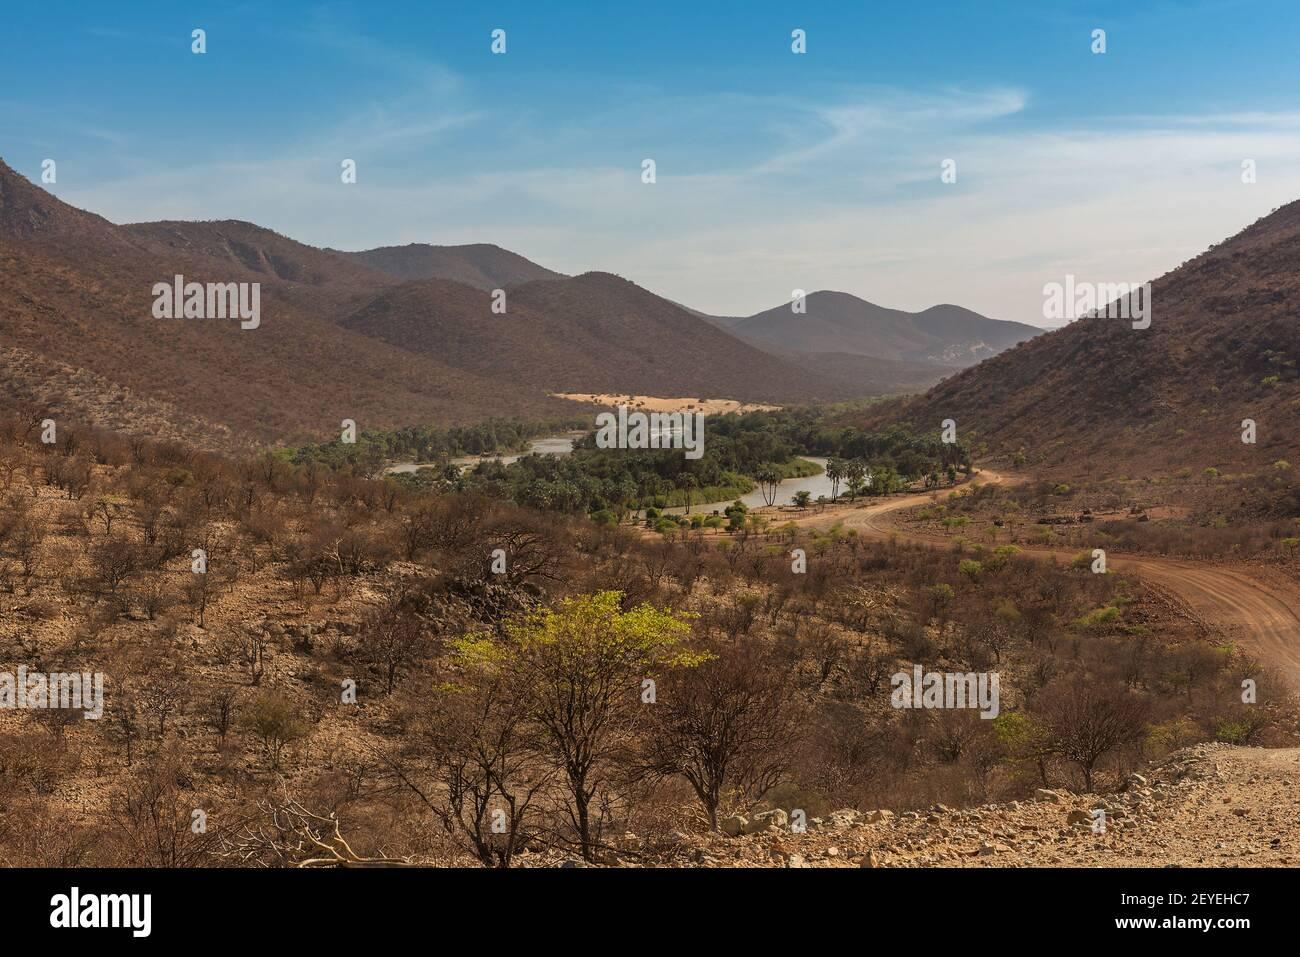 Landschaftsansicht des Kunene-Flusses, dem Grenzfluss zwischen Namibia und Angola Stockfoto